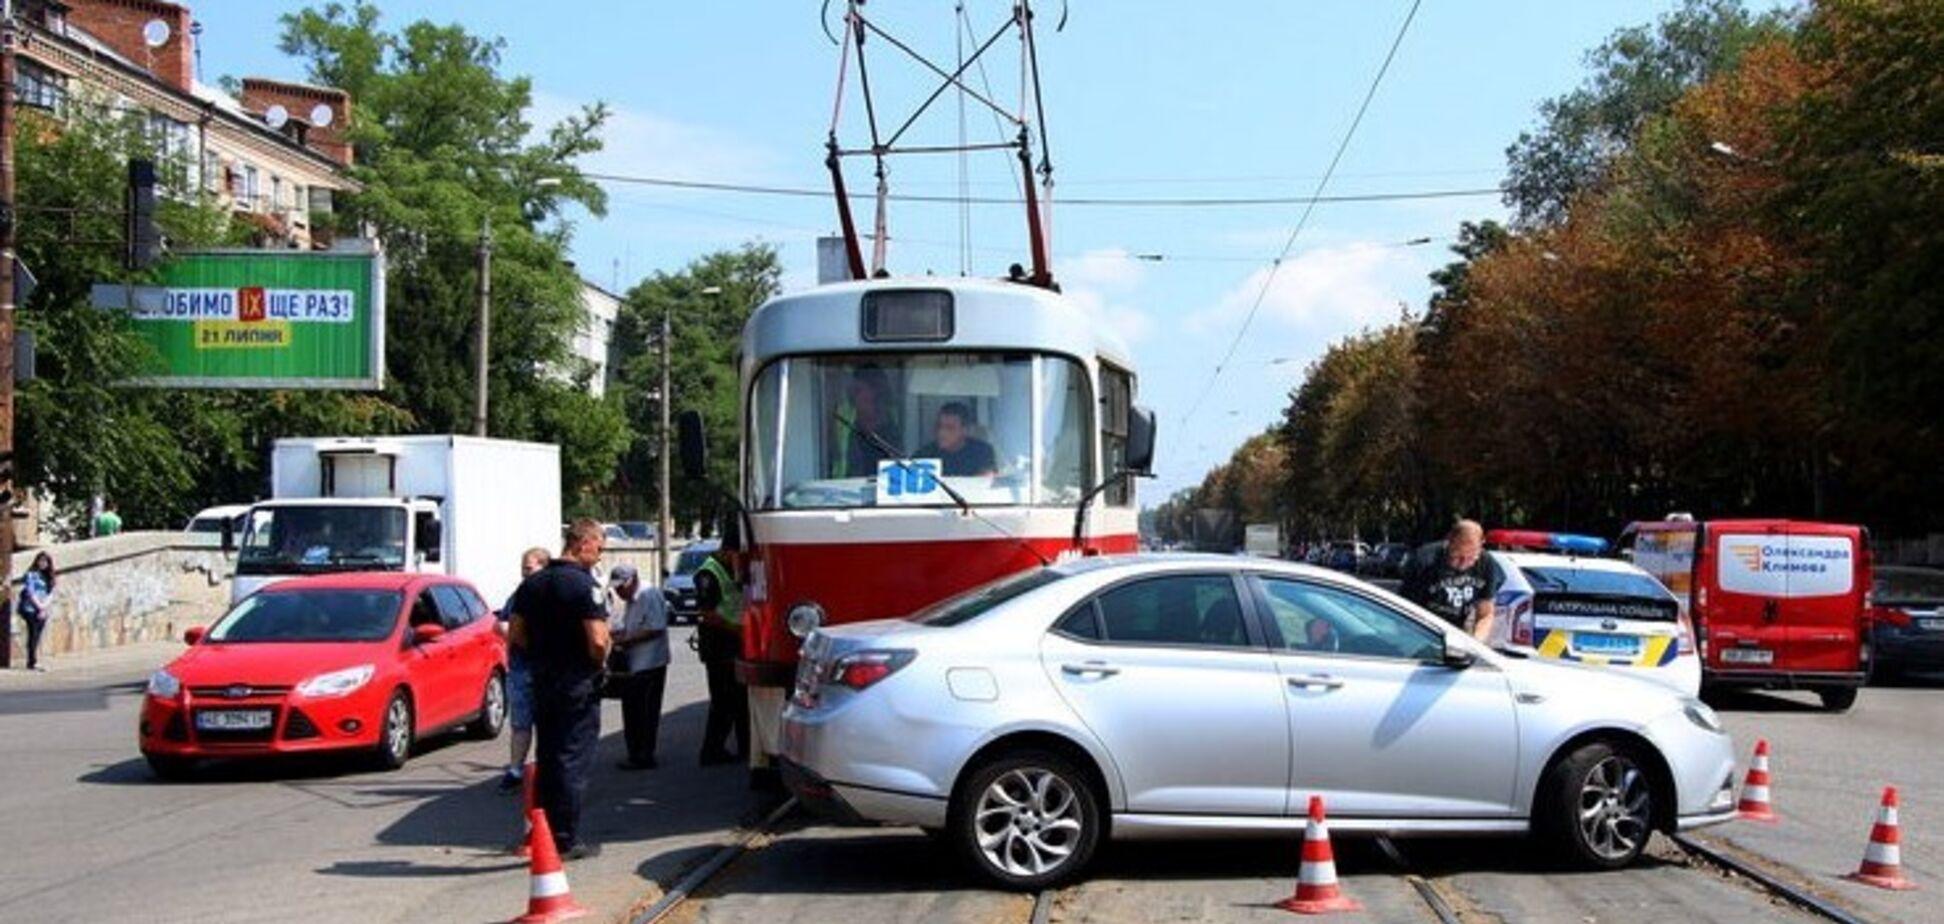 Движение заблокировано: в Днепре трамвай протаранил легковушку. Фото